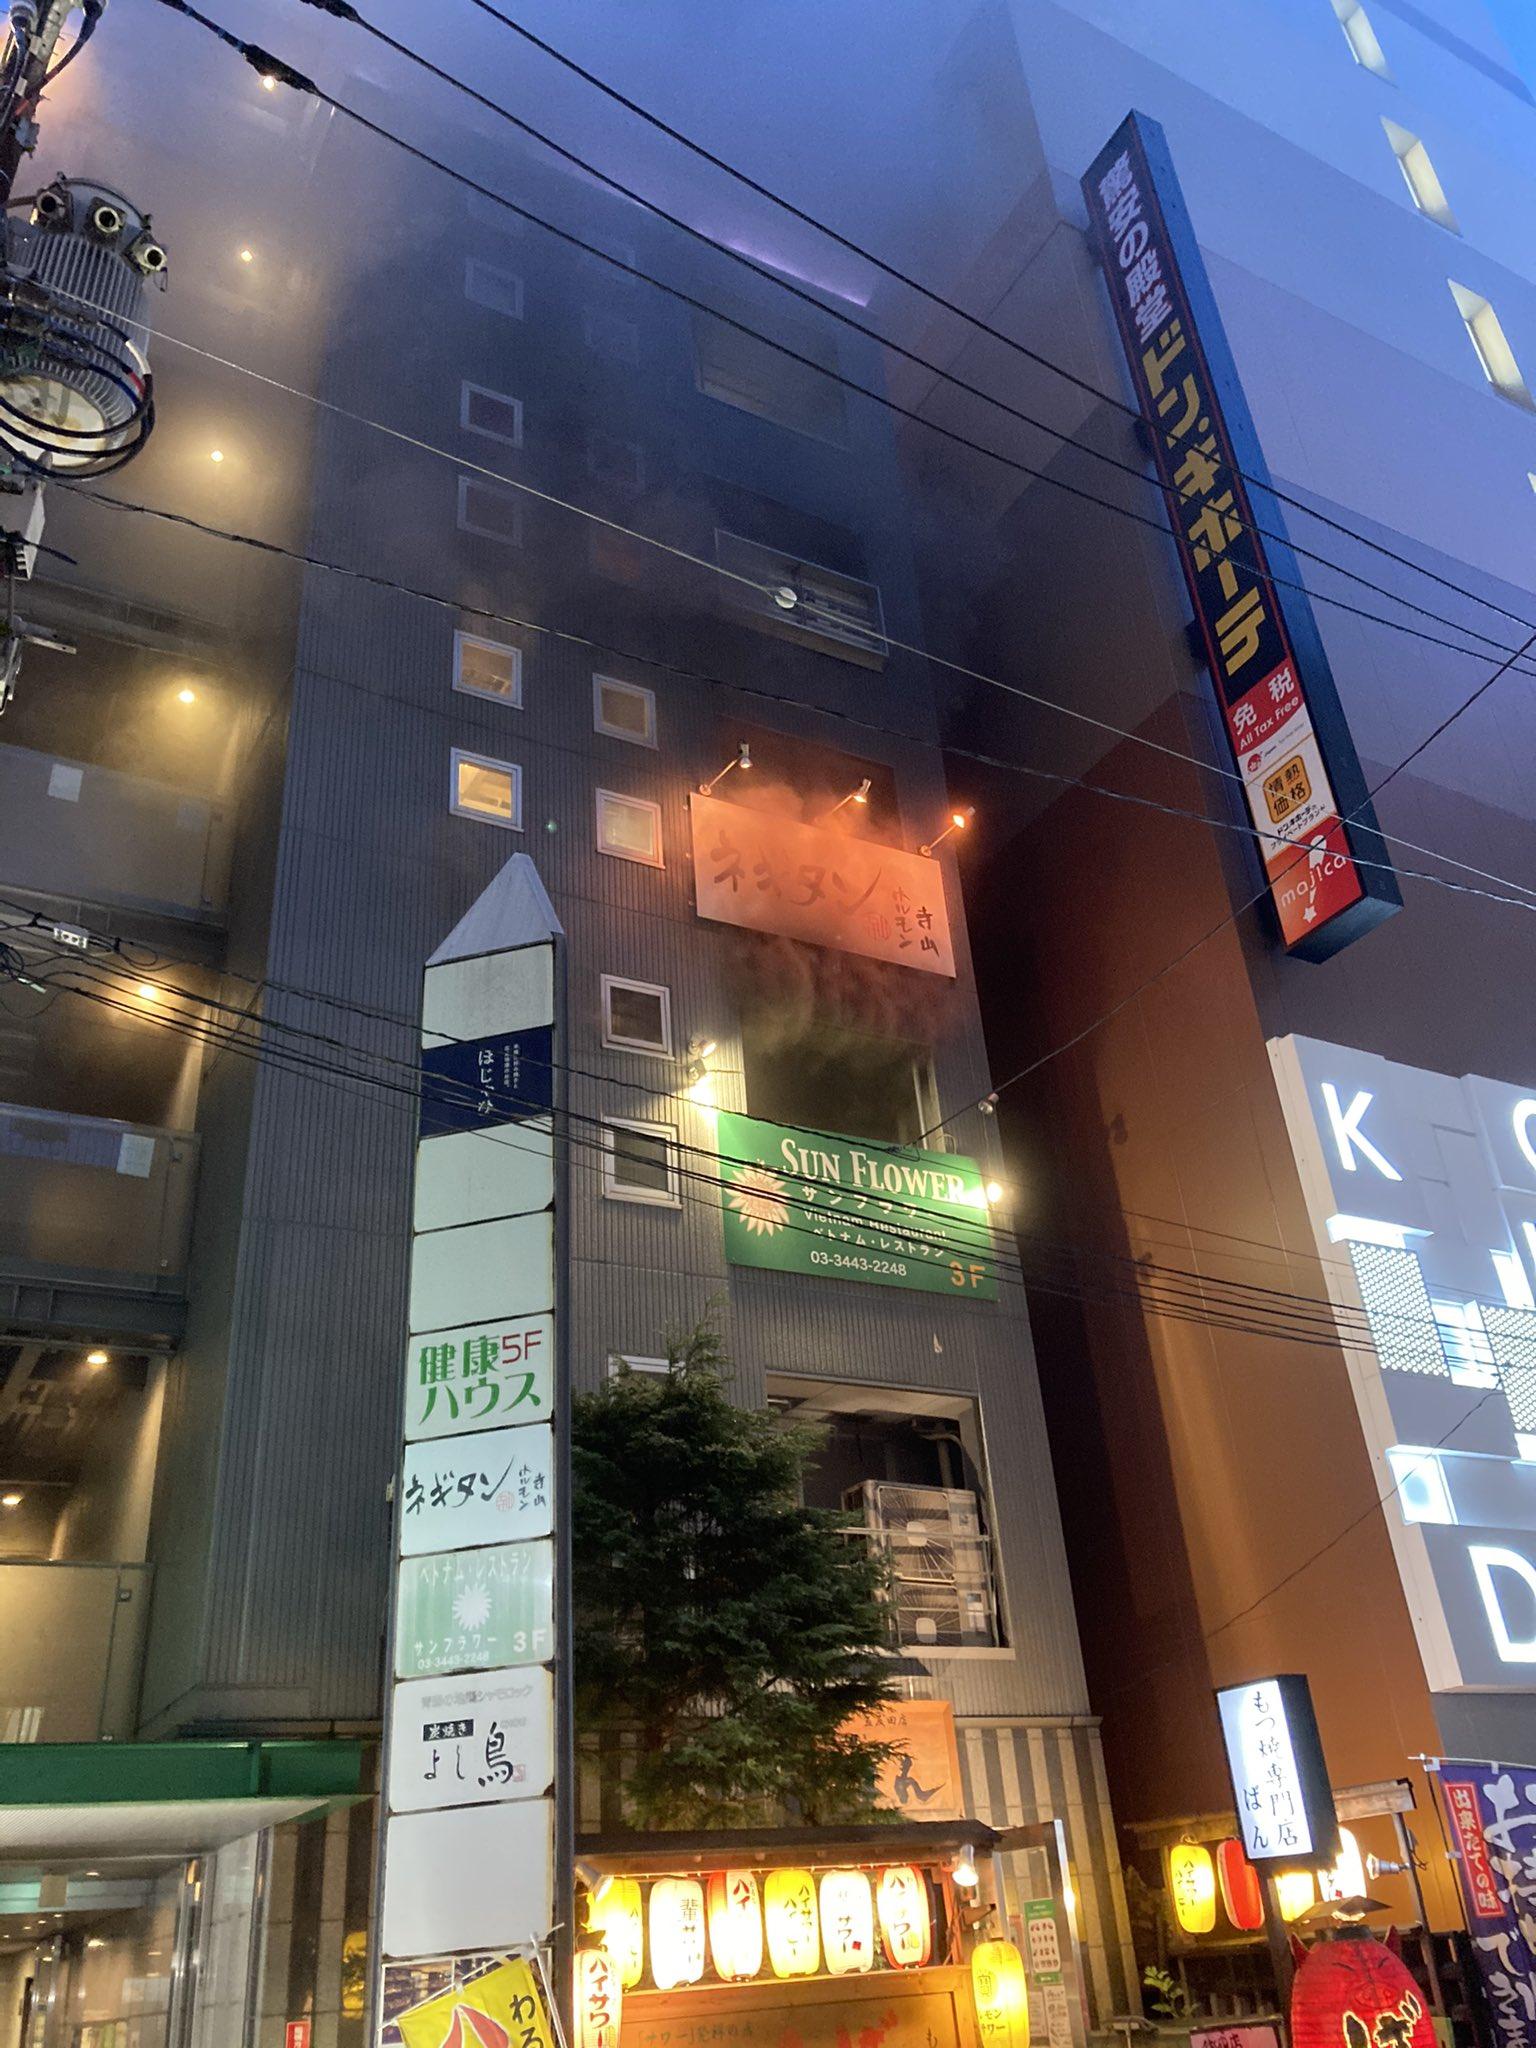 品川区東五反田のビルで火事が起きている画像